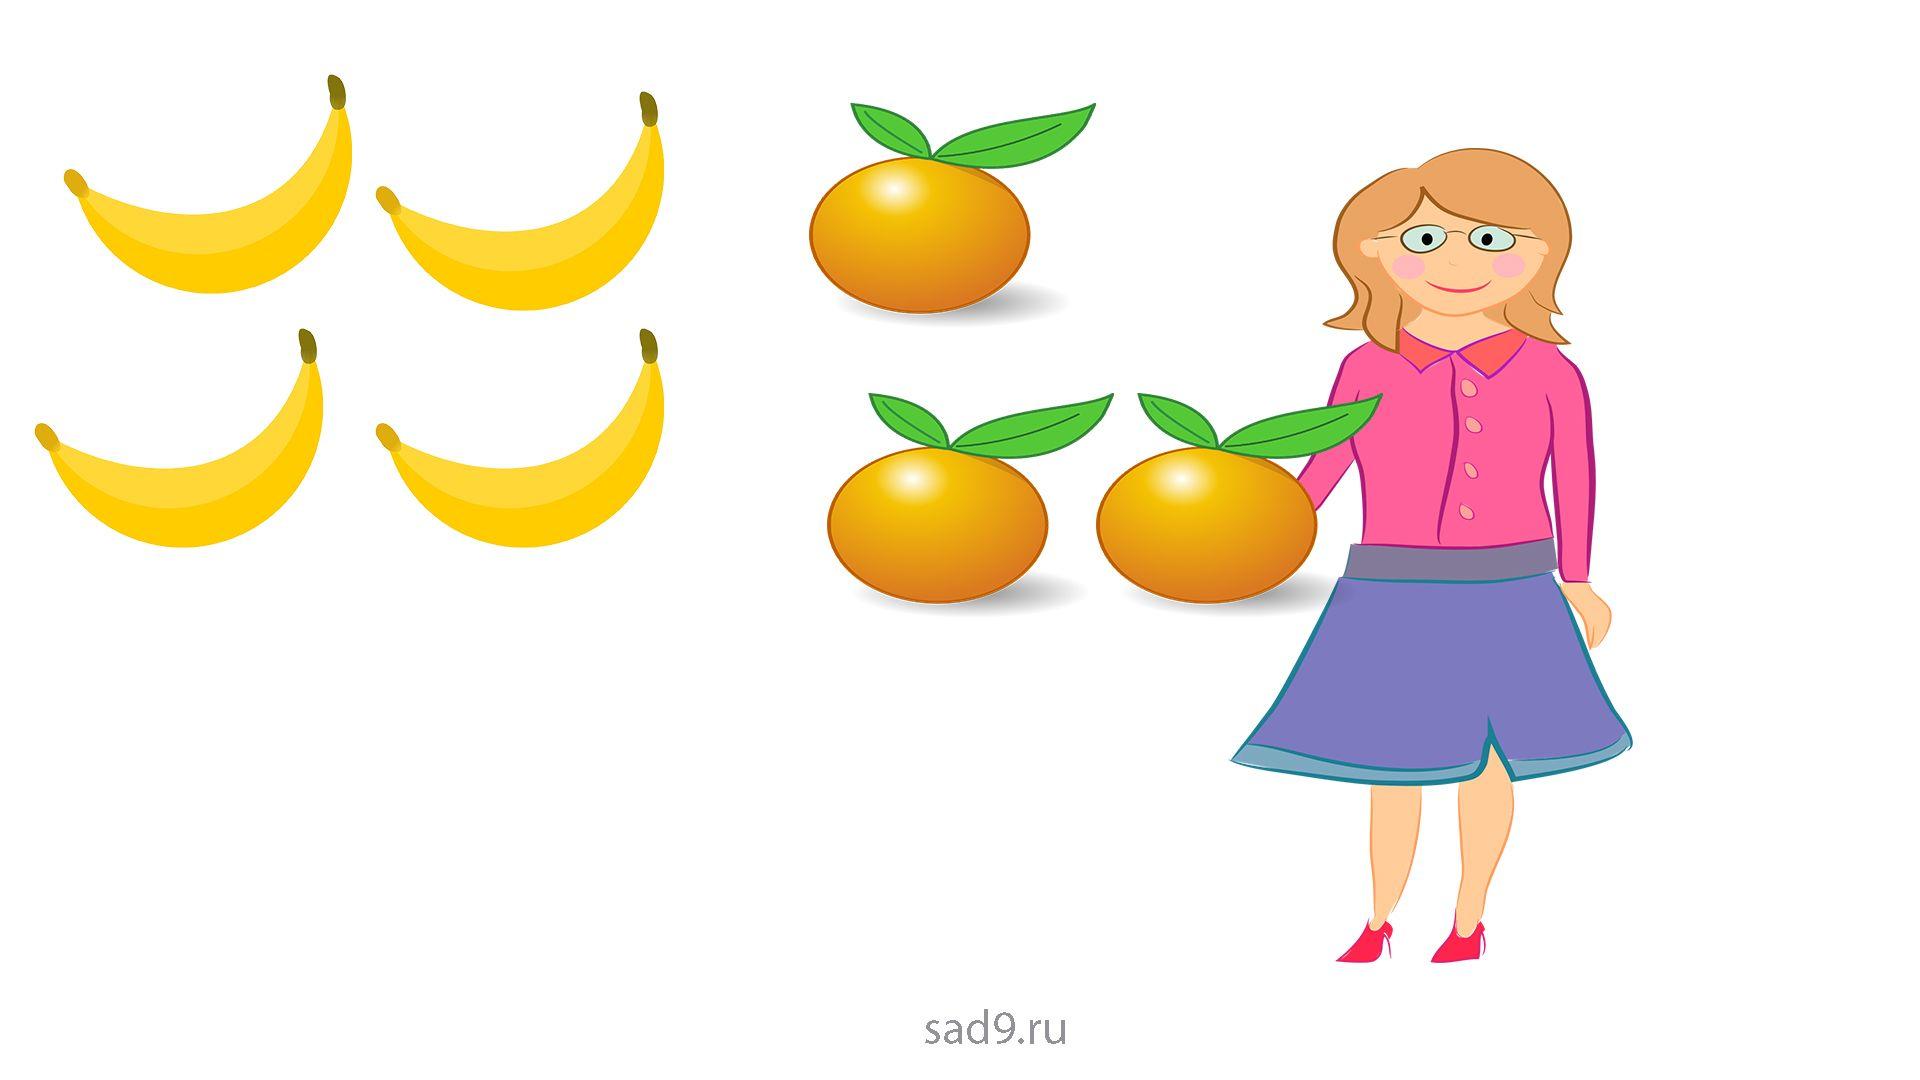 Задачи для дошкольников по математике 6-7 лет